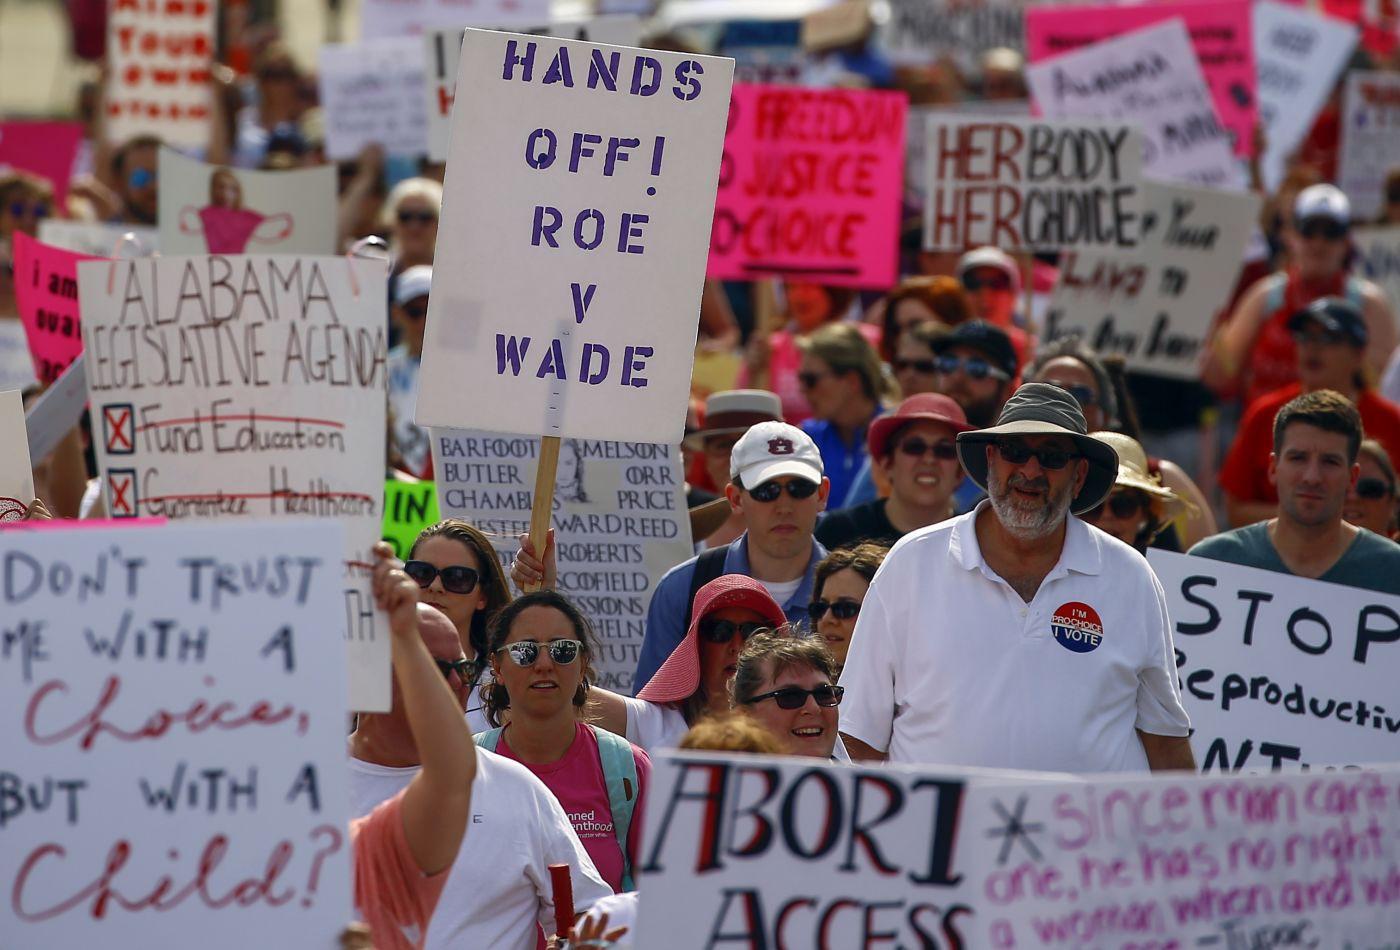 Giới điều hành doanh nghiệp Mỹ bức xúc với phong trào cấm phá thai, lo ngại ảnh hưởng xấu tới kinh doanh - Ảnh 1.